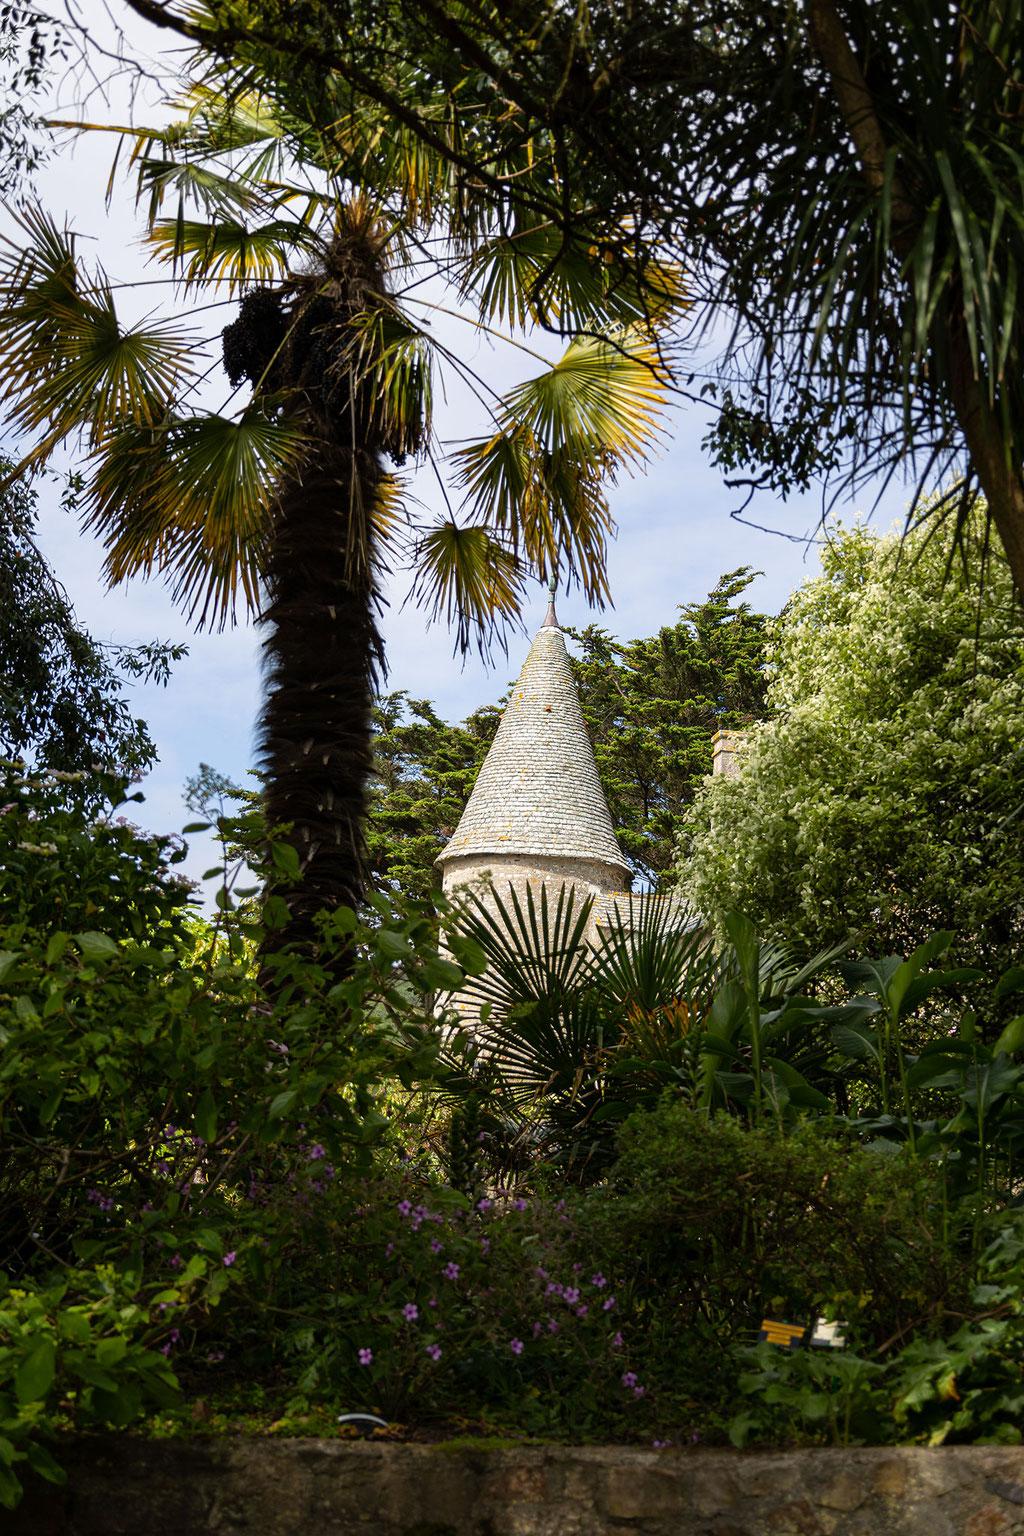 Palmen wachsen überall im Botanischen Garten von Vauville.